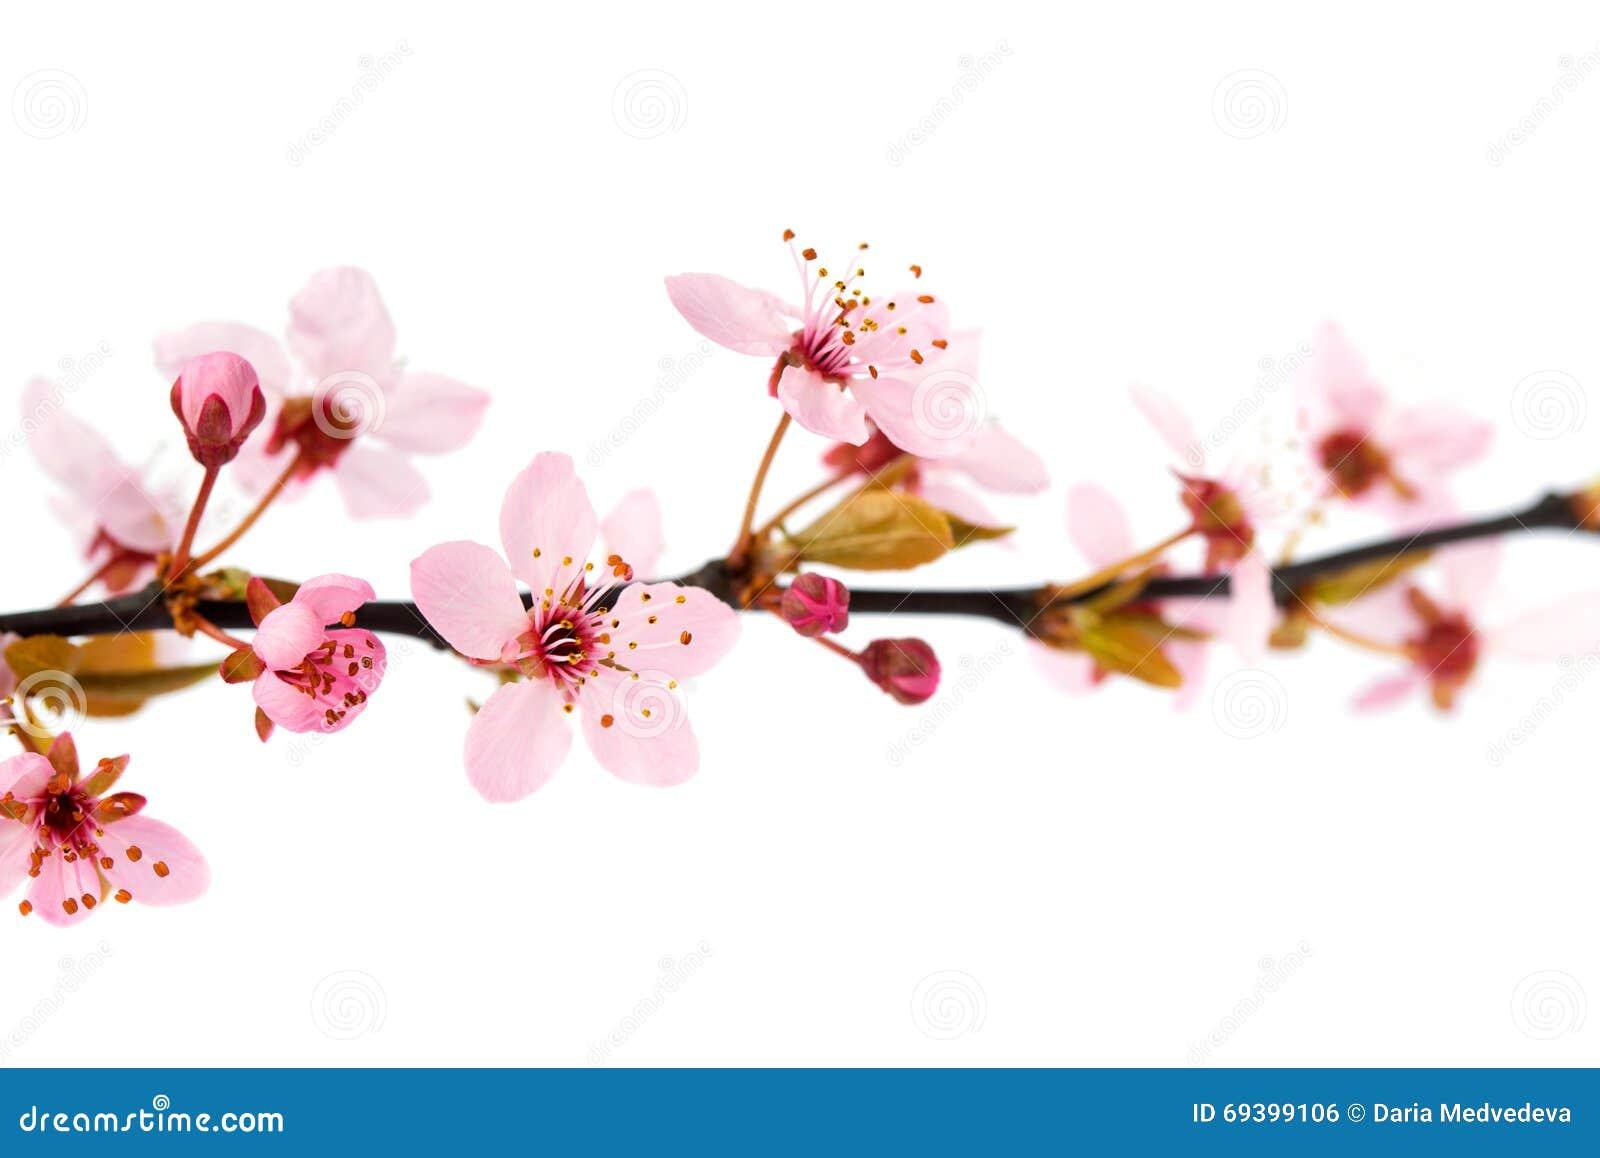 Fleurs De Cerisier De Ressort D Isolement Sur Le Fond Blanc Photo